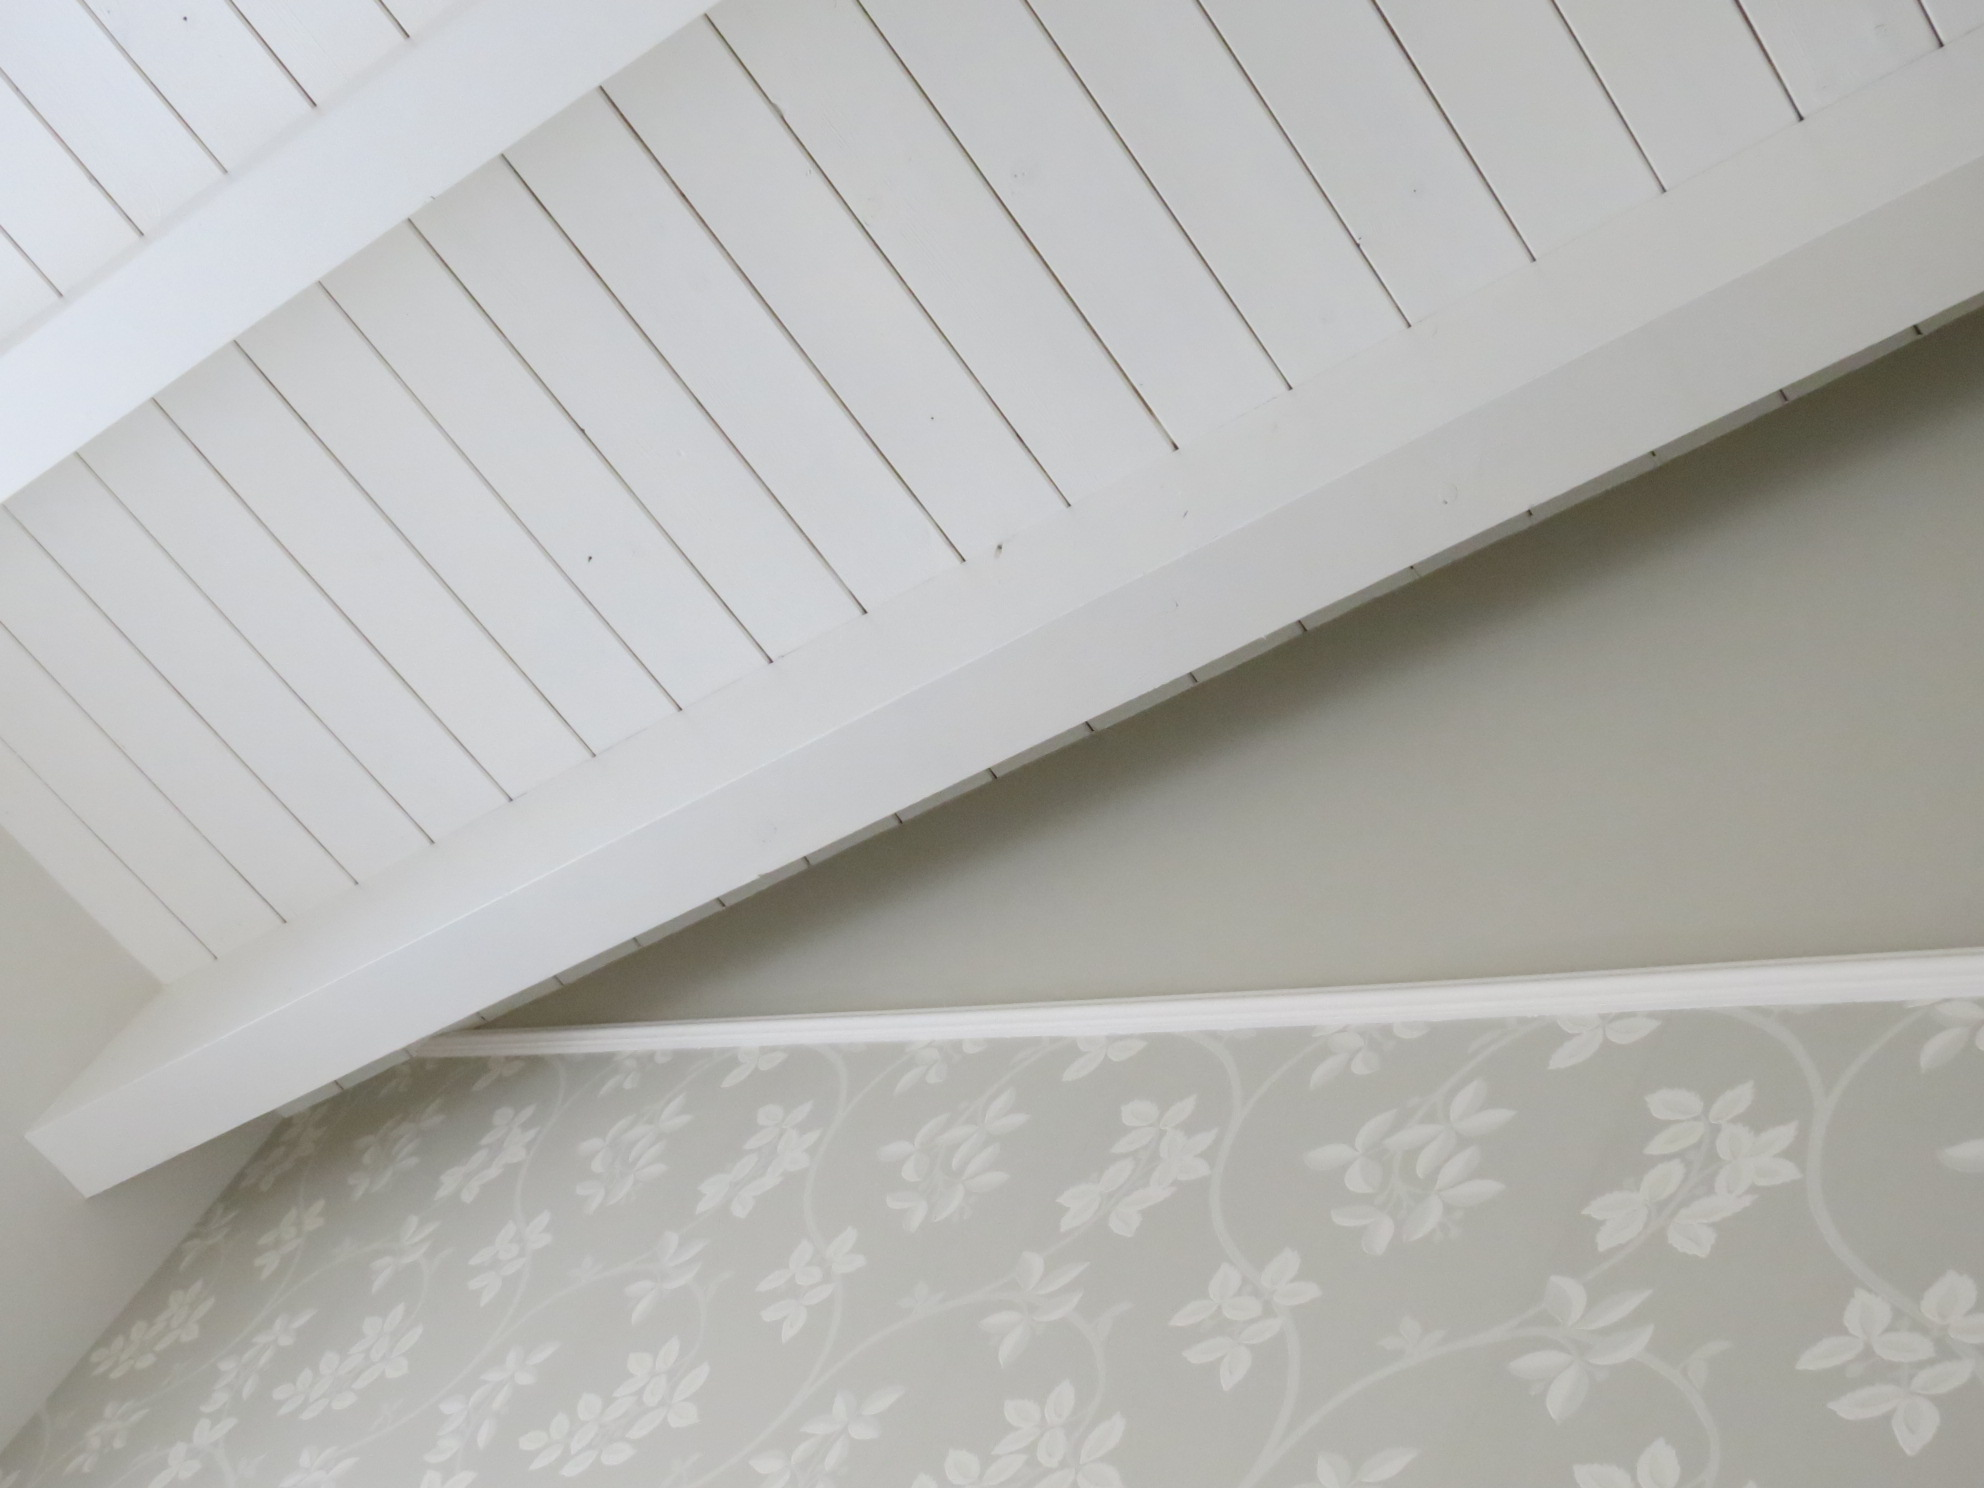 Soffitti In Legno Moderni : Soffitti rustici in legno di cui vi innamorerete